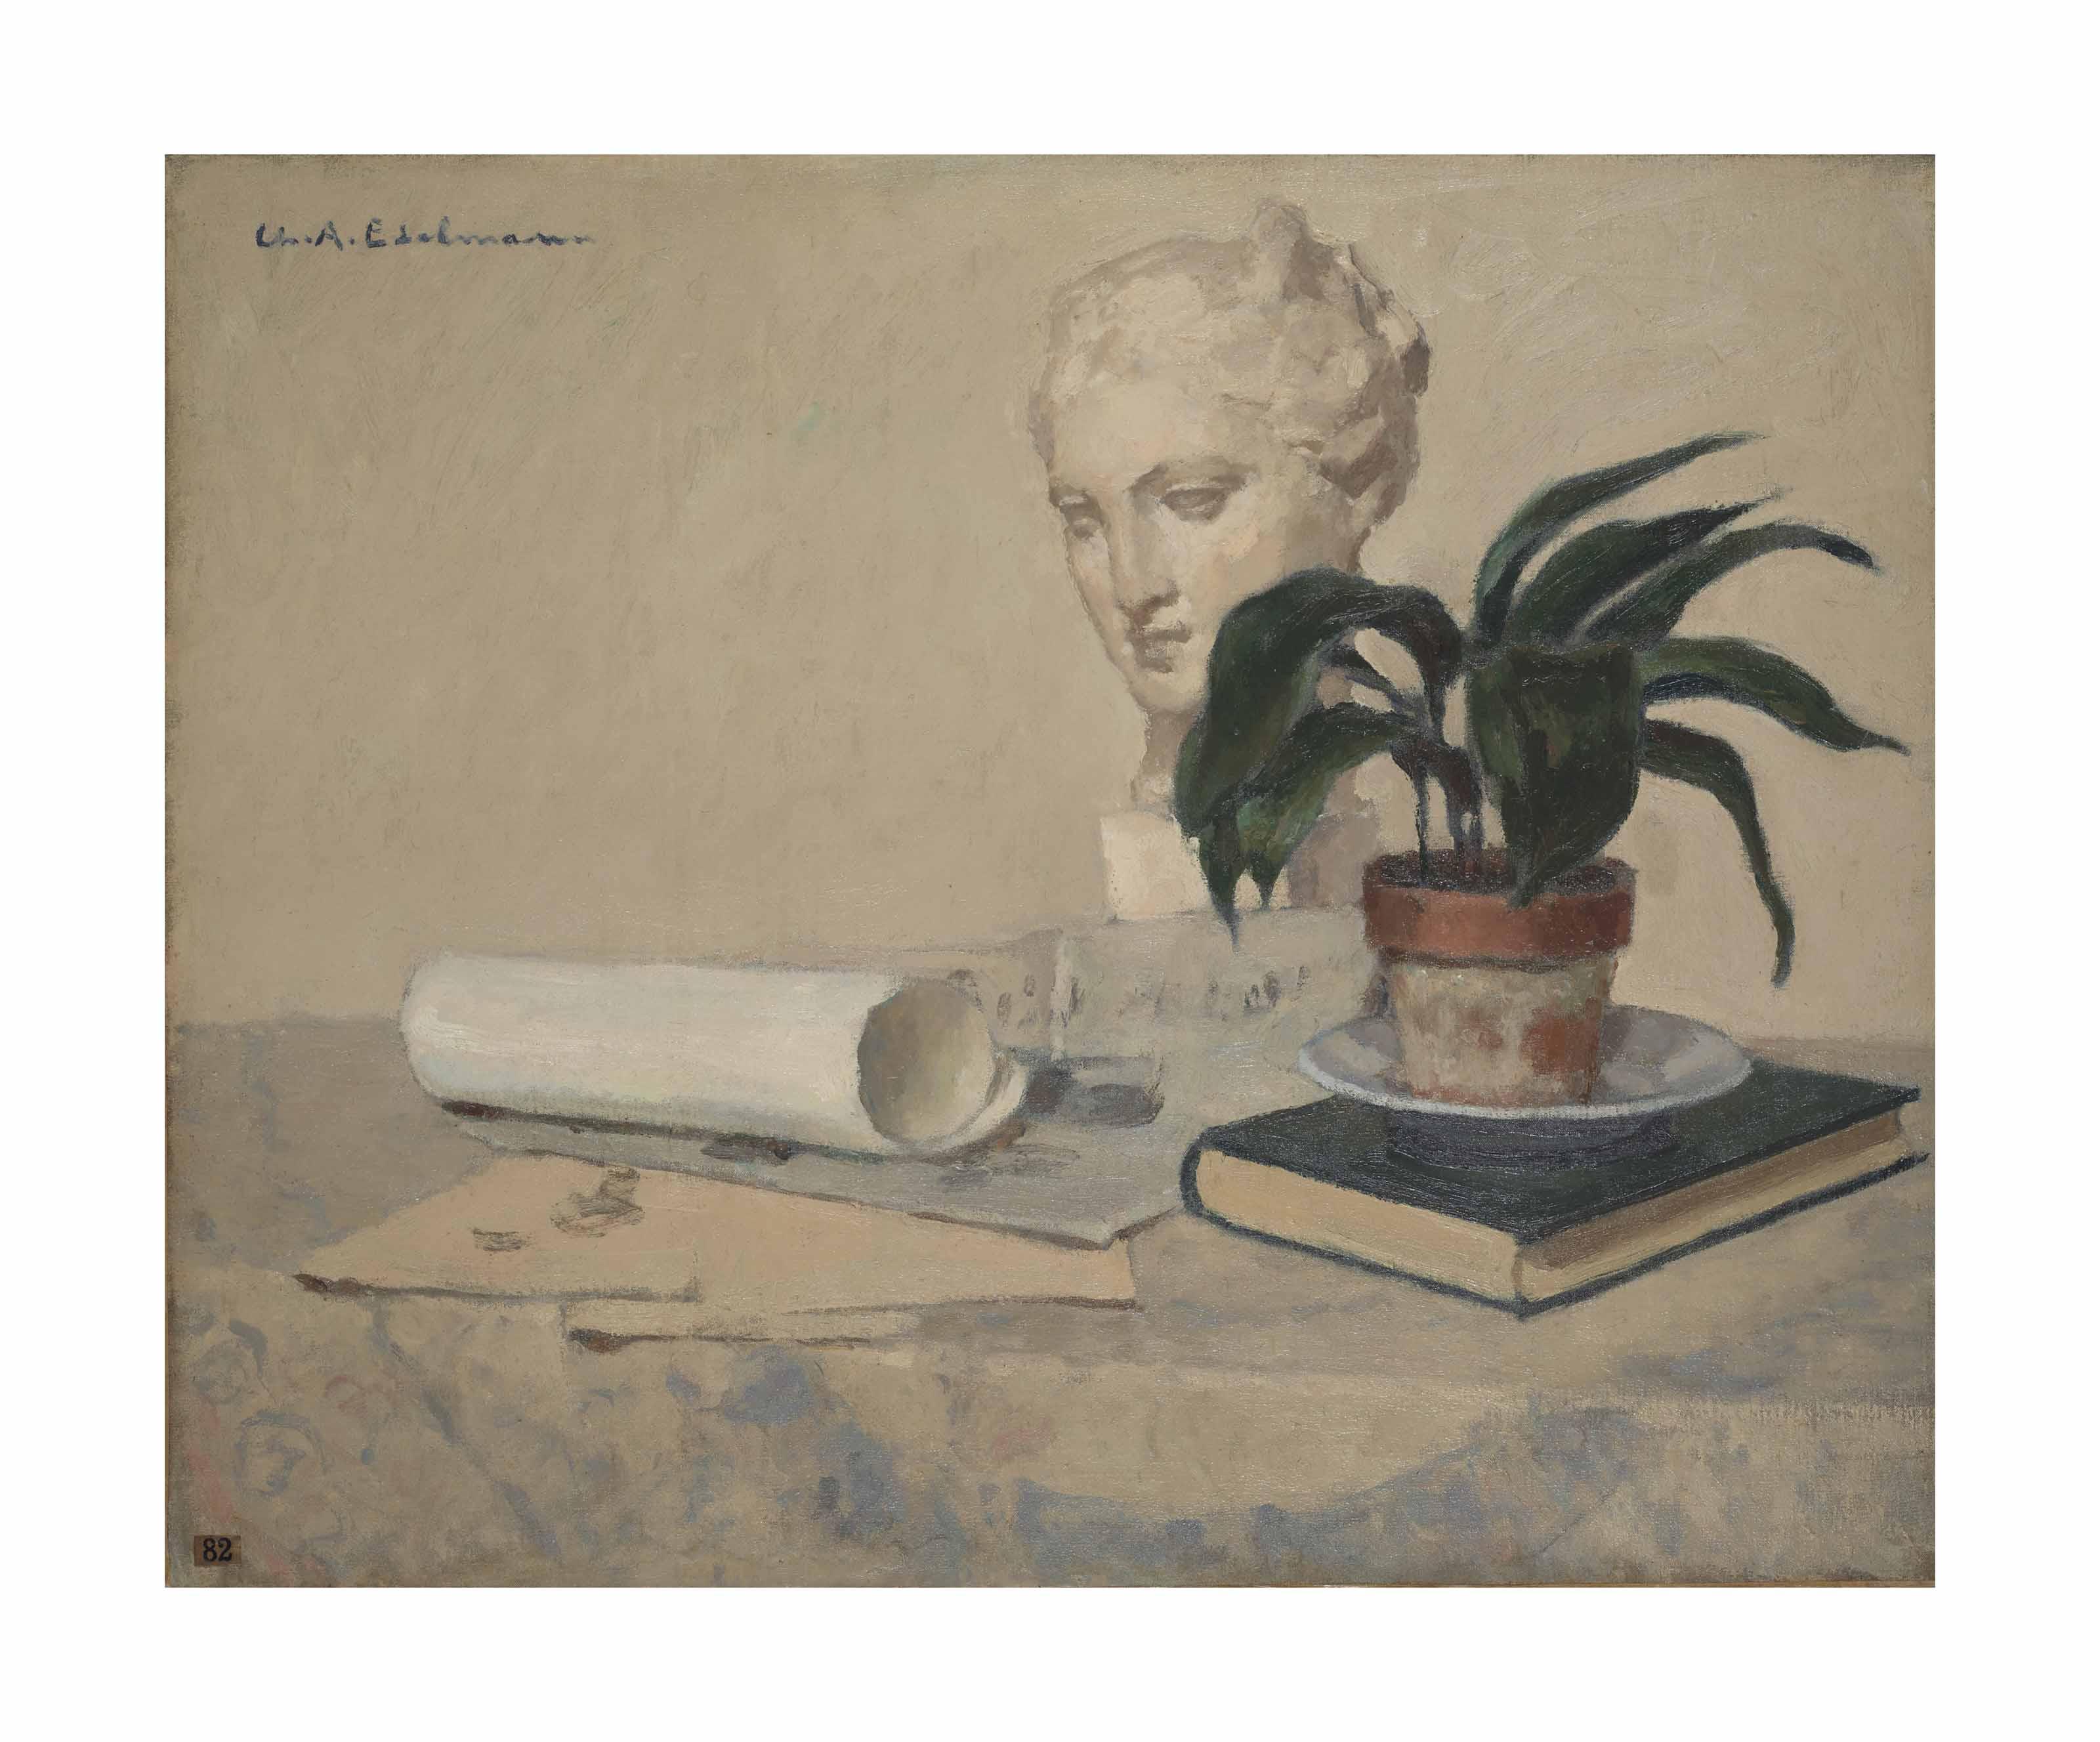 CHARLES AUGUSTE EDELMANN (SOULTZ-SOUS-FORÊTS 1879-1950 PARIS)